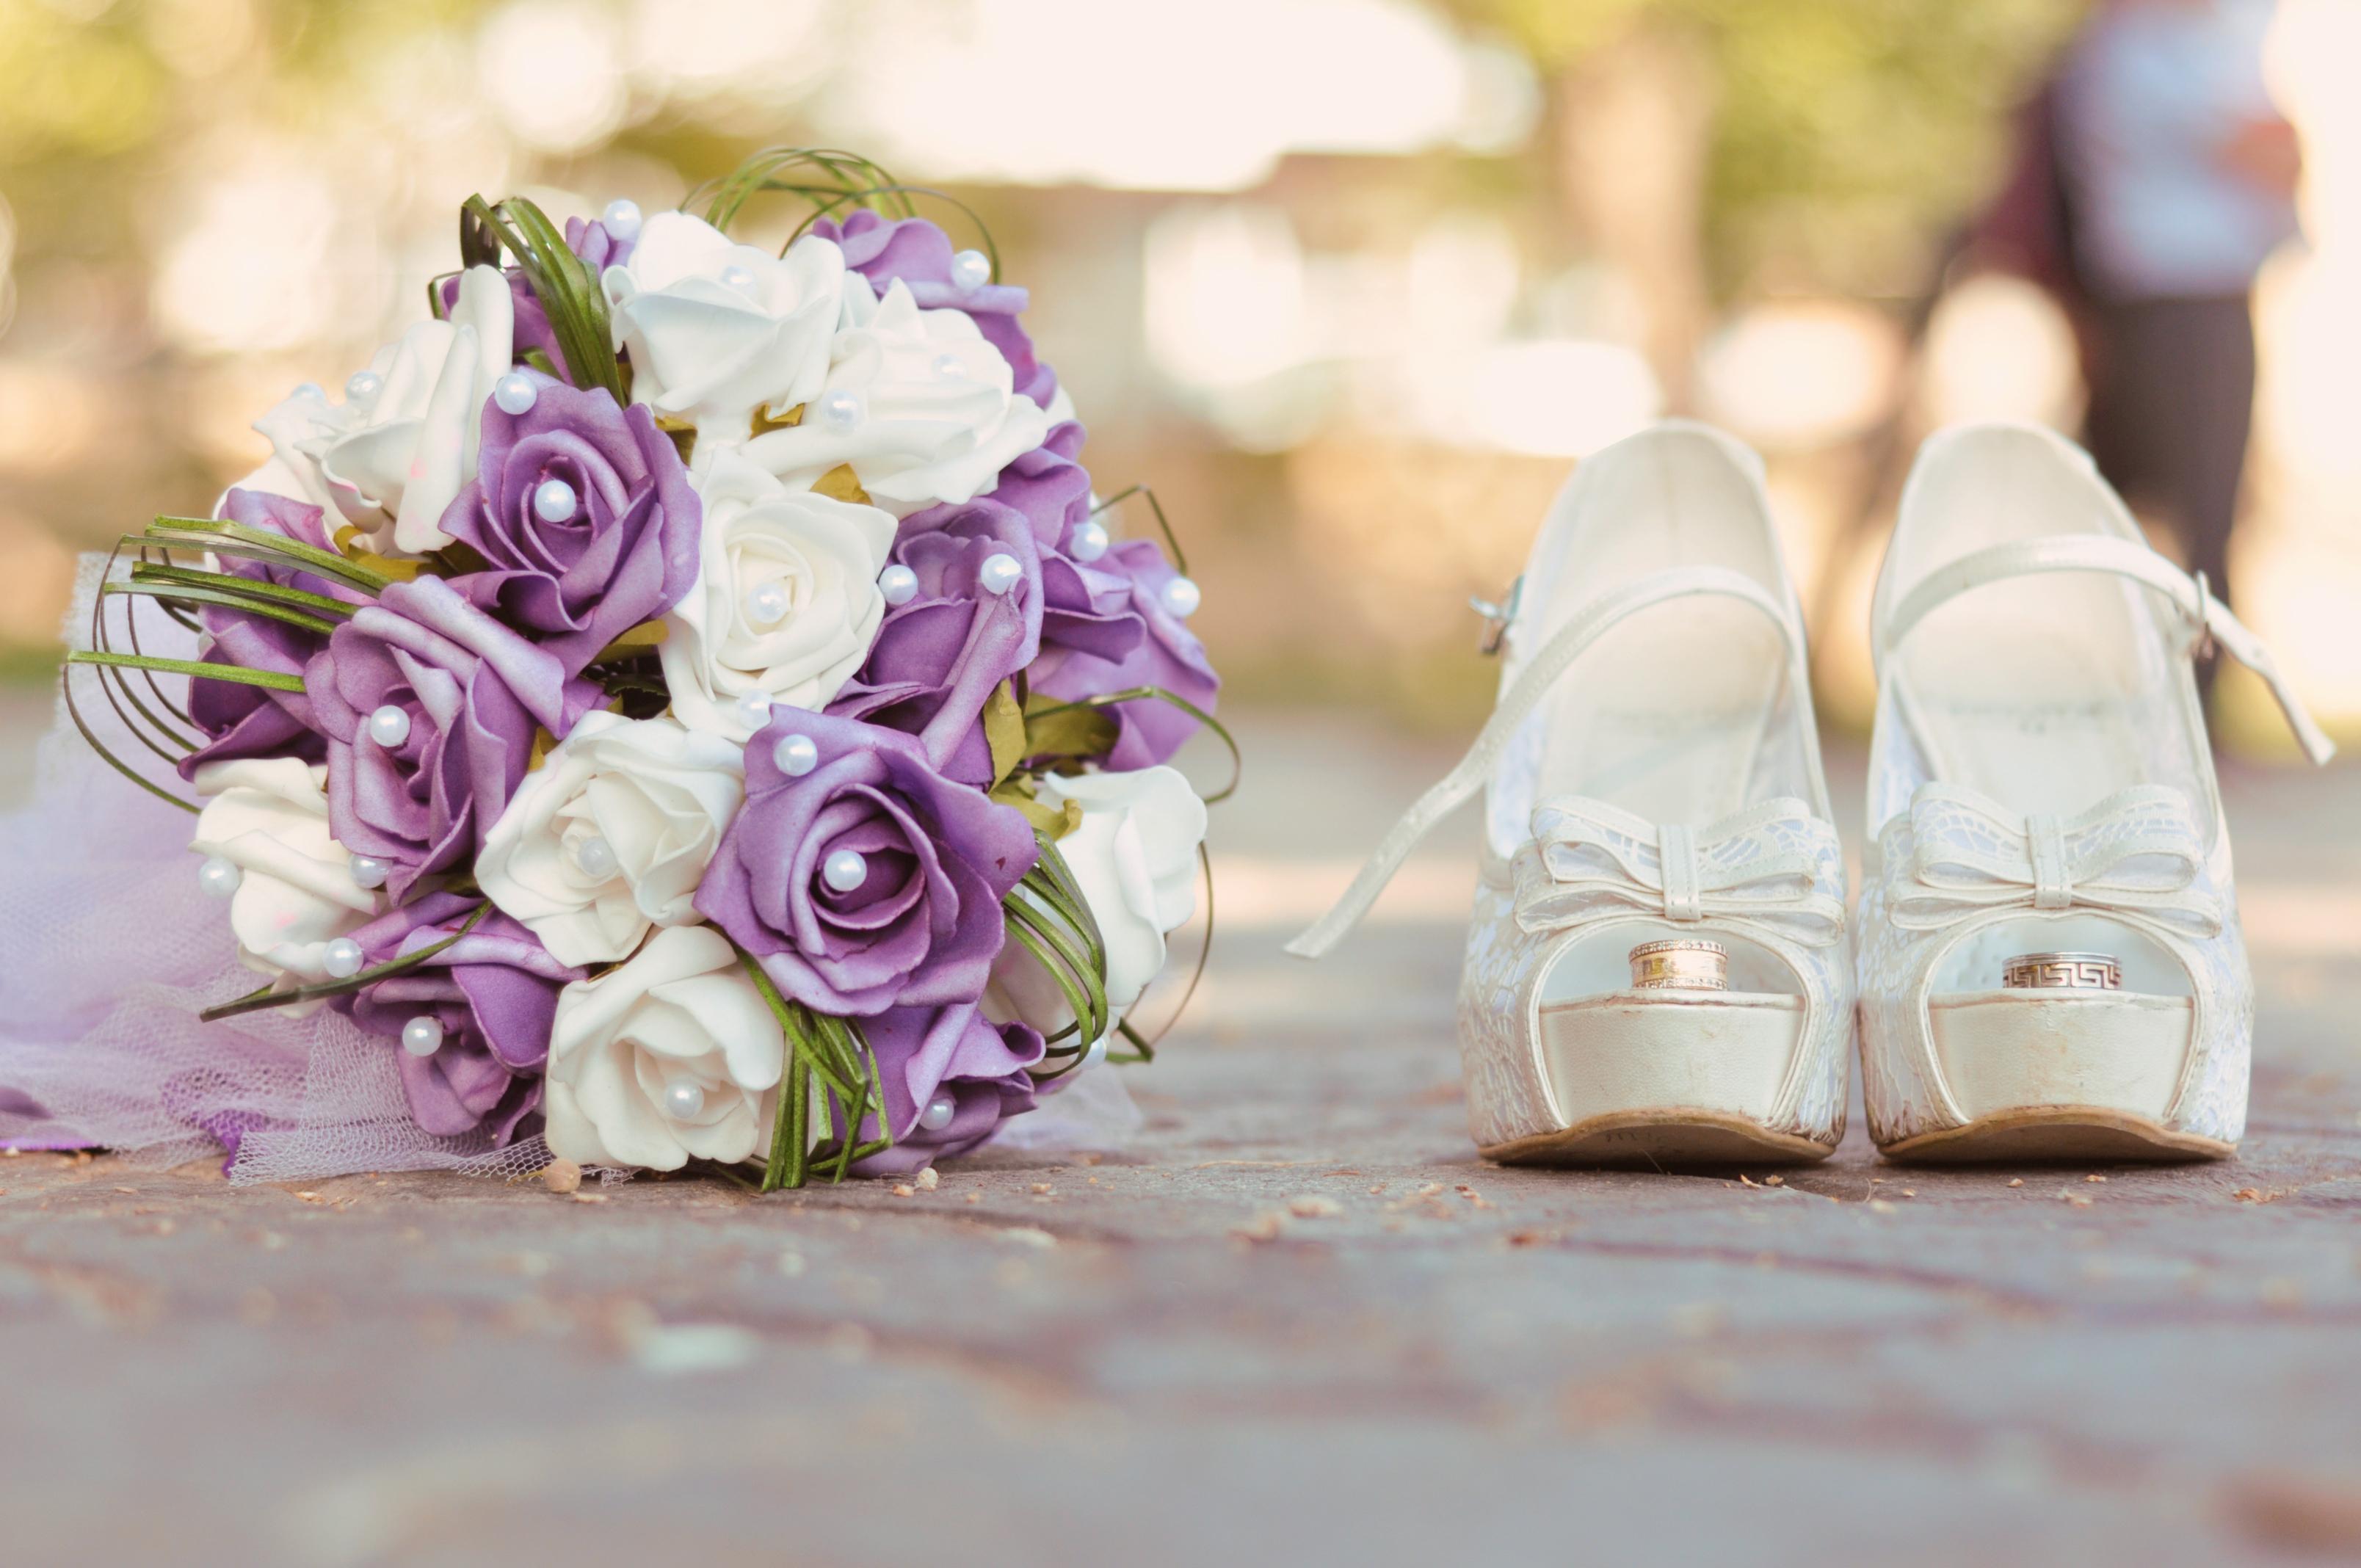 Туфли и розы  № 3398307 загрузить